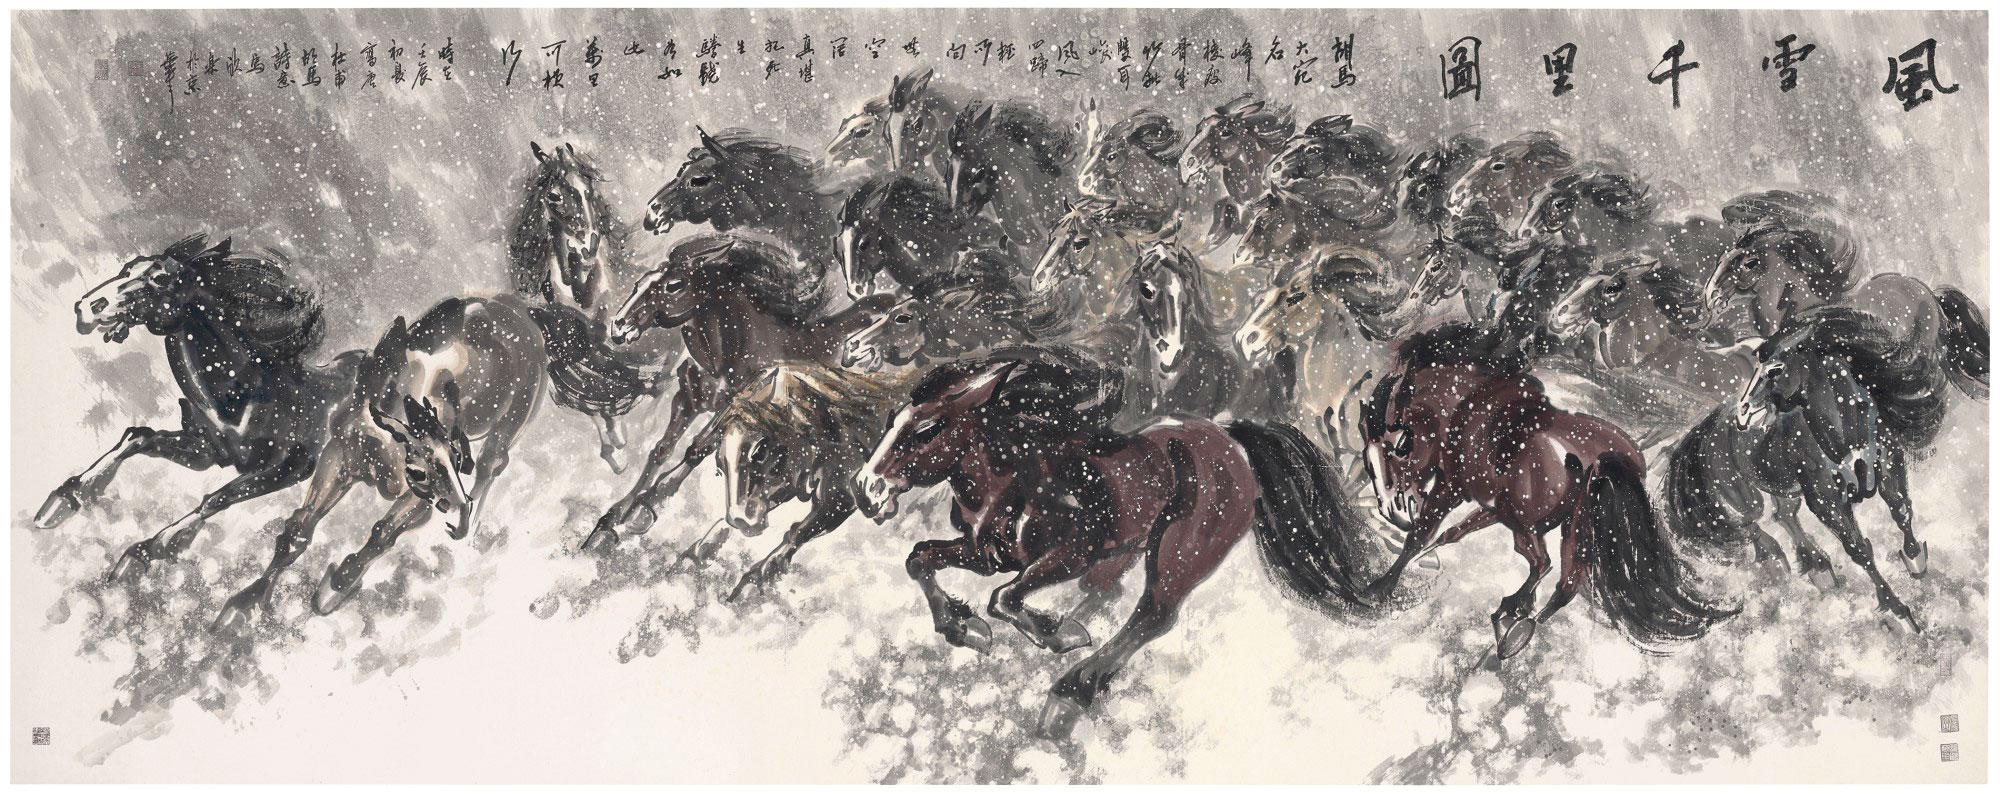 马欣乐 风雪千里图 设色纸本 镜片 二〇一二年作,55 34 x 143 吋(141.6 x 363.2 公分)。成交价:312,500美元。此拍品于2018年9月11日在佳士得纽约中国书画拍卖中呈献